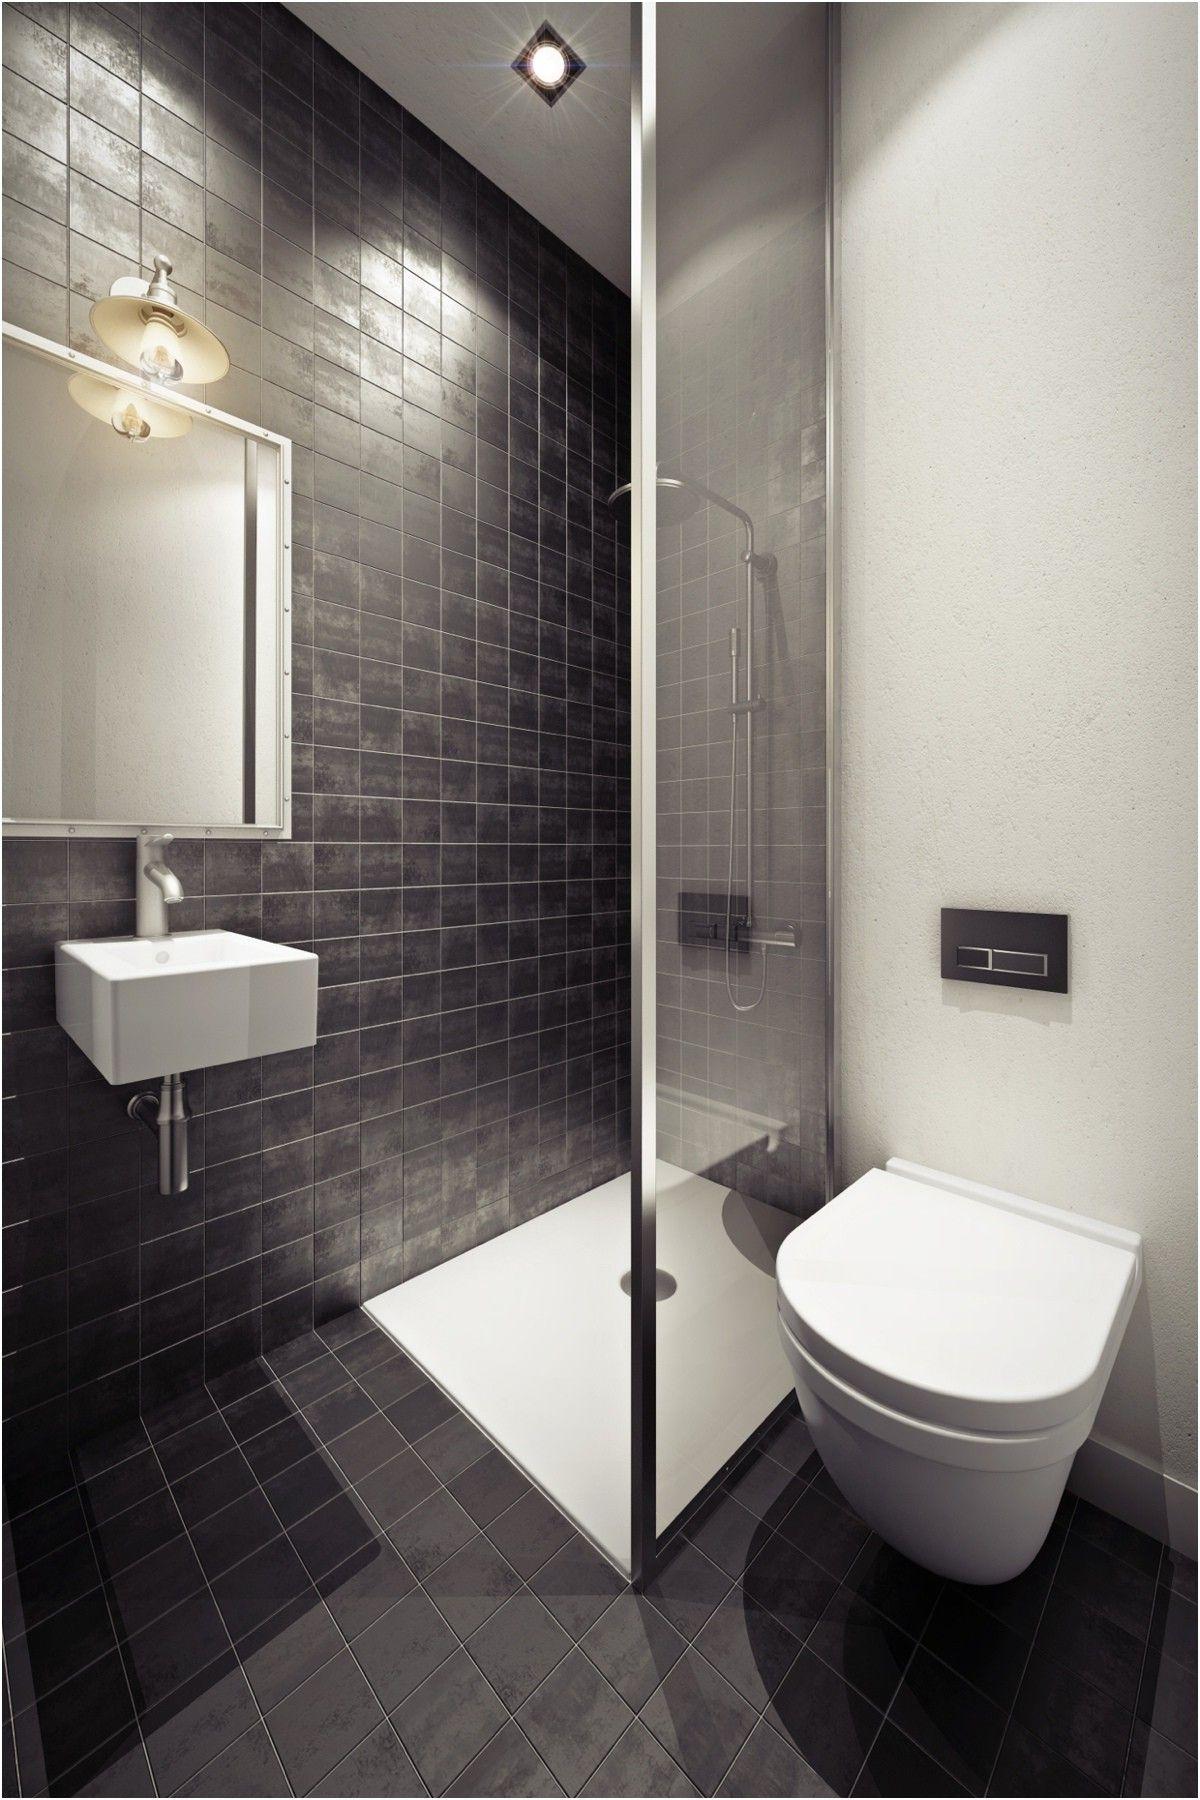 28 small square bathroom